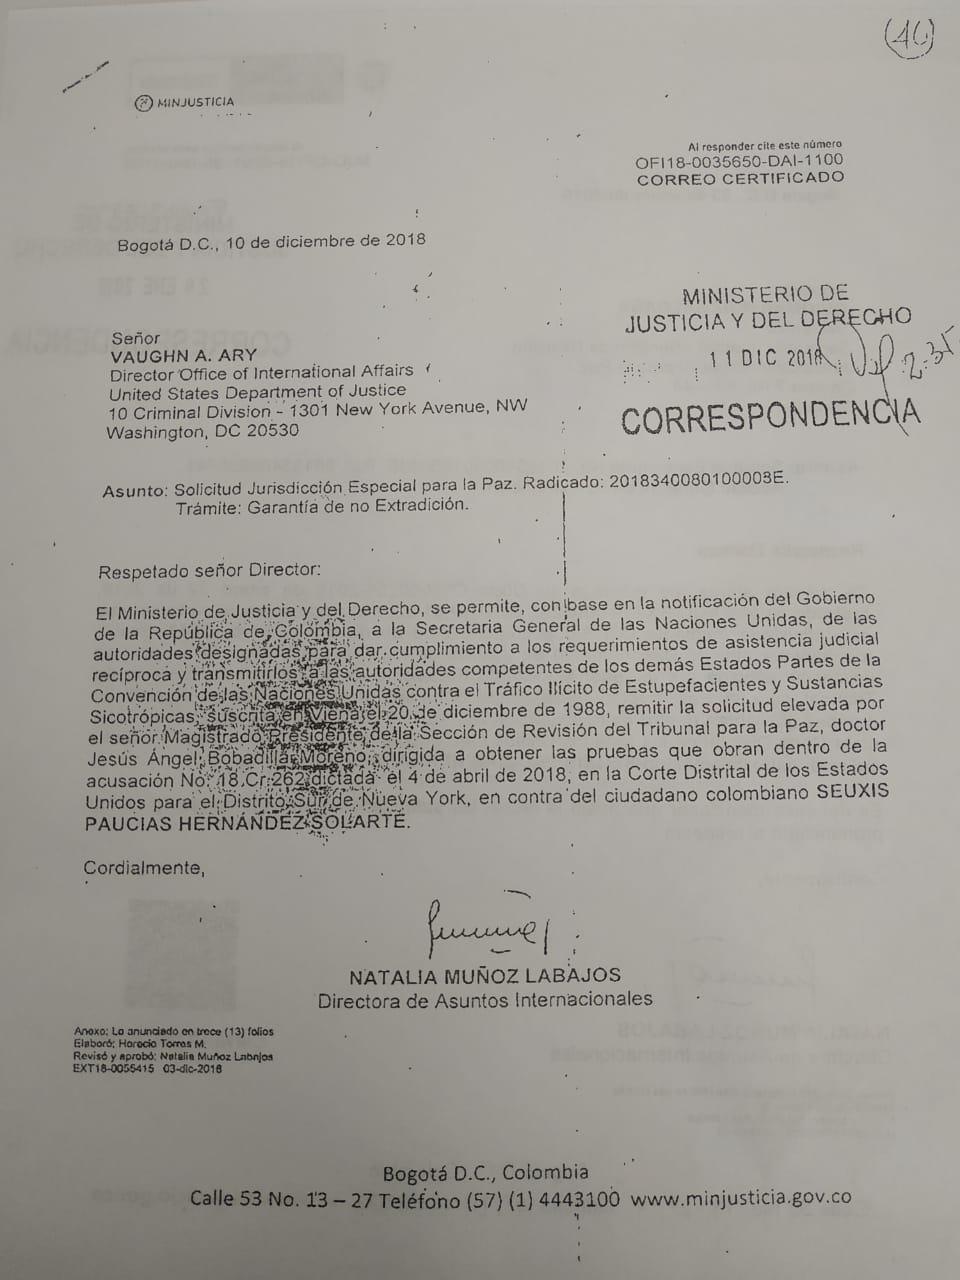 La carta del caso Santrich que debía llegar al Departamento de Justicia de Estados Unidos